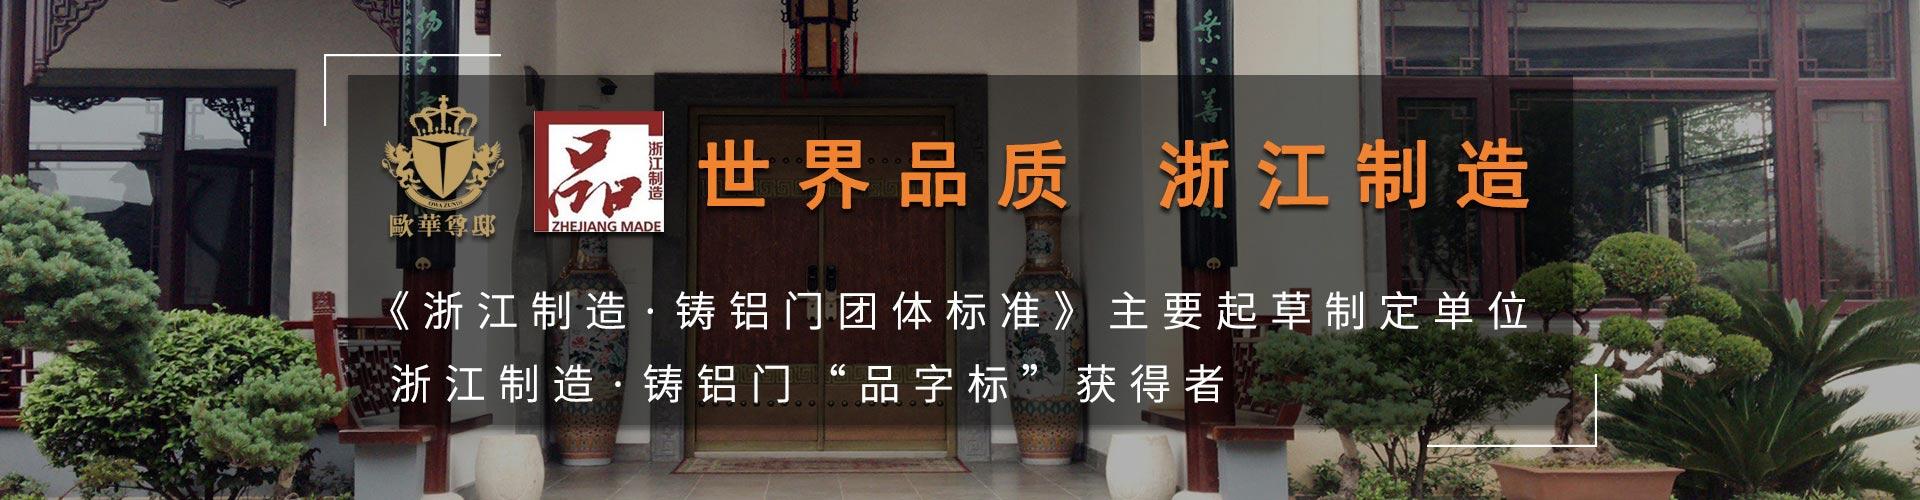 雷竞技平台雷竞技app推荐码铸雷竞技app竞猜可靠吗